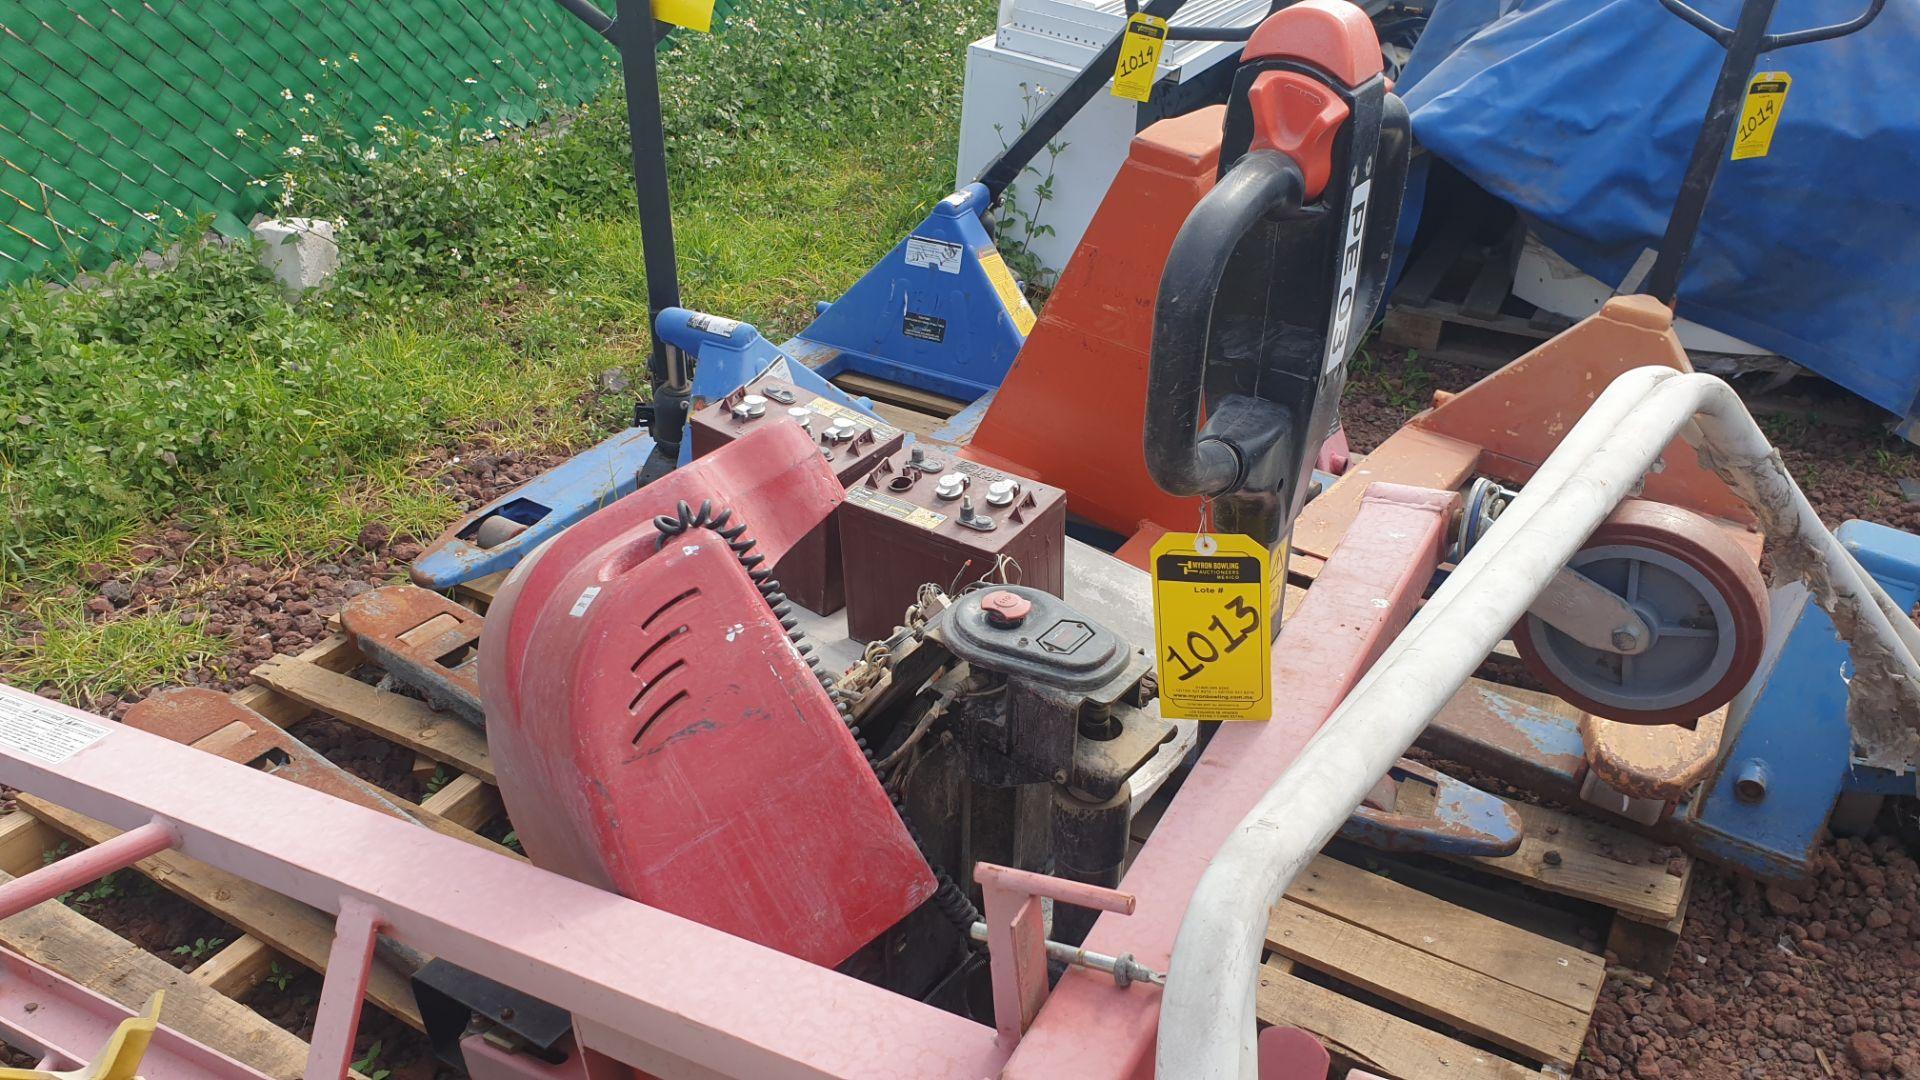 2 HYSTER lift pallet truck model W45ZHD 24 V , 1 DAYTON lift pallet truck model 21XV82 - Image 6 of 21